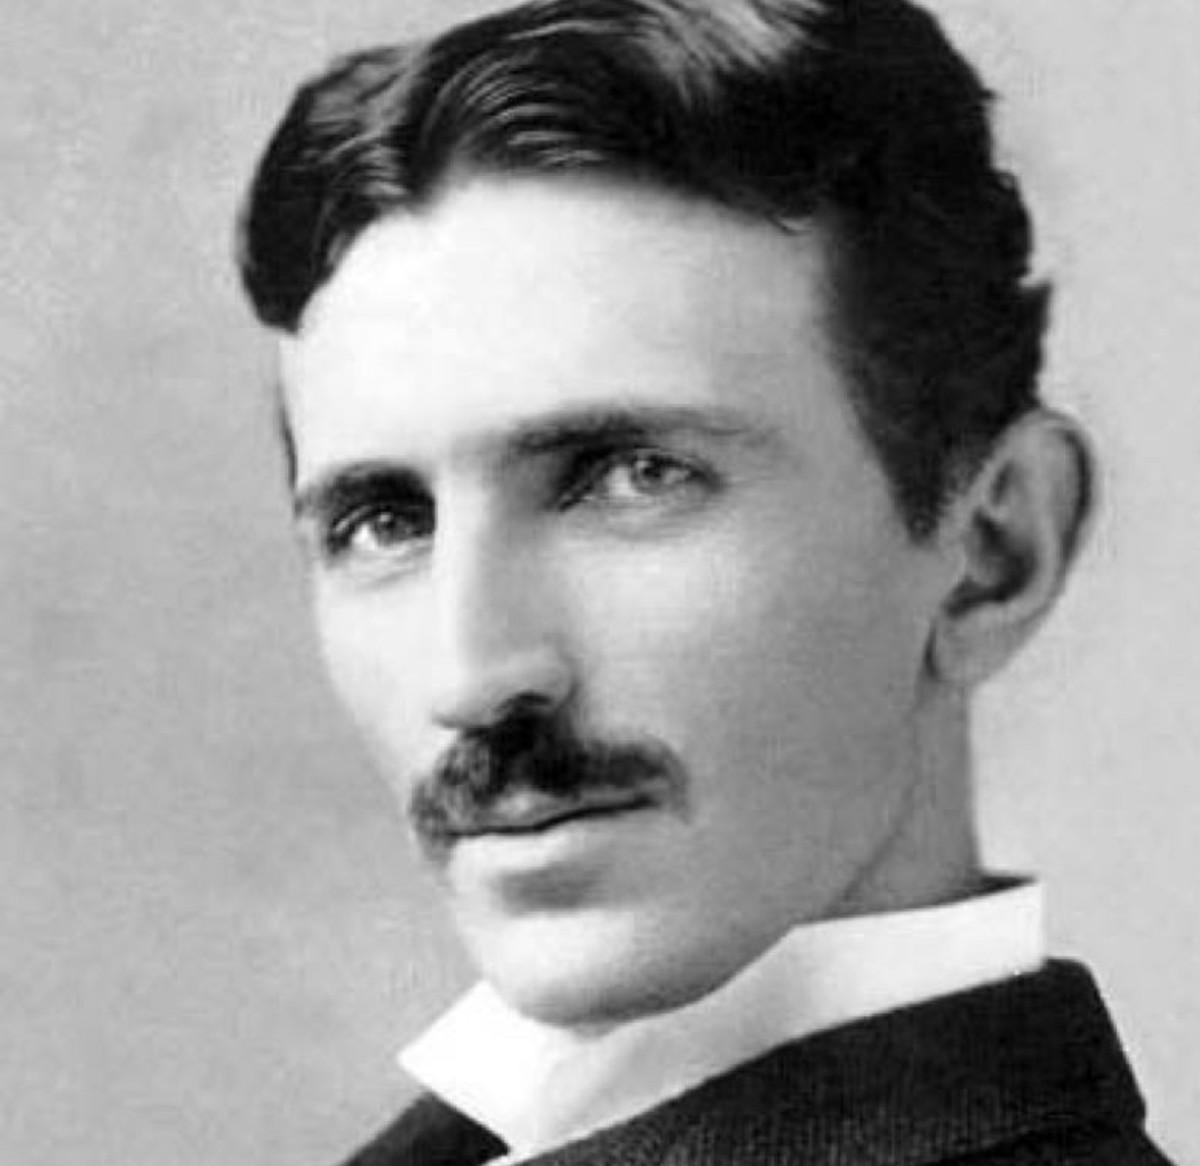 Fotografia em preto e branco de Nikola Tesla